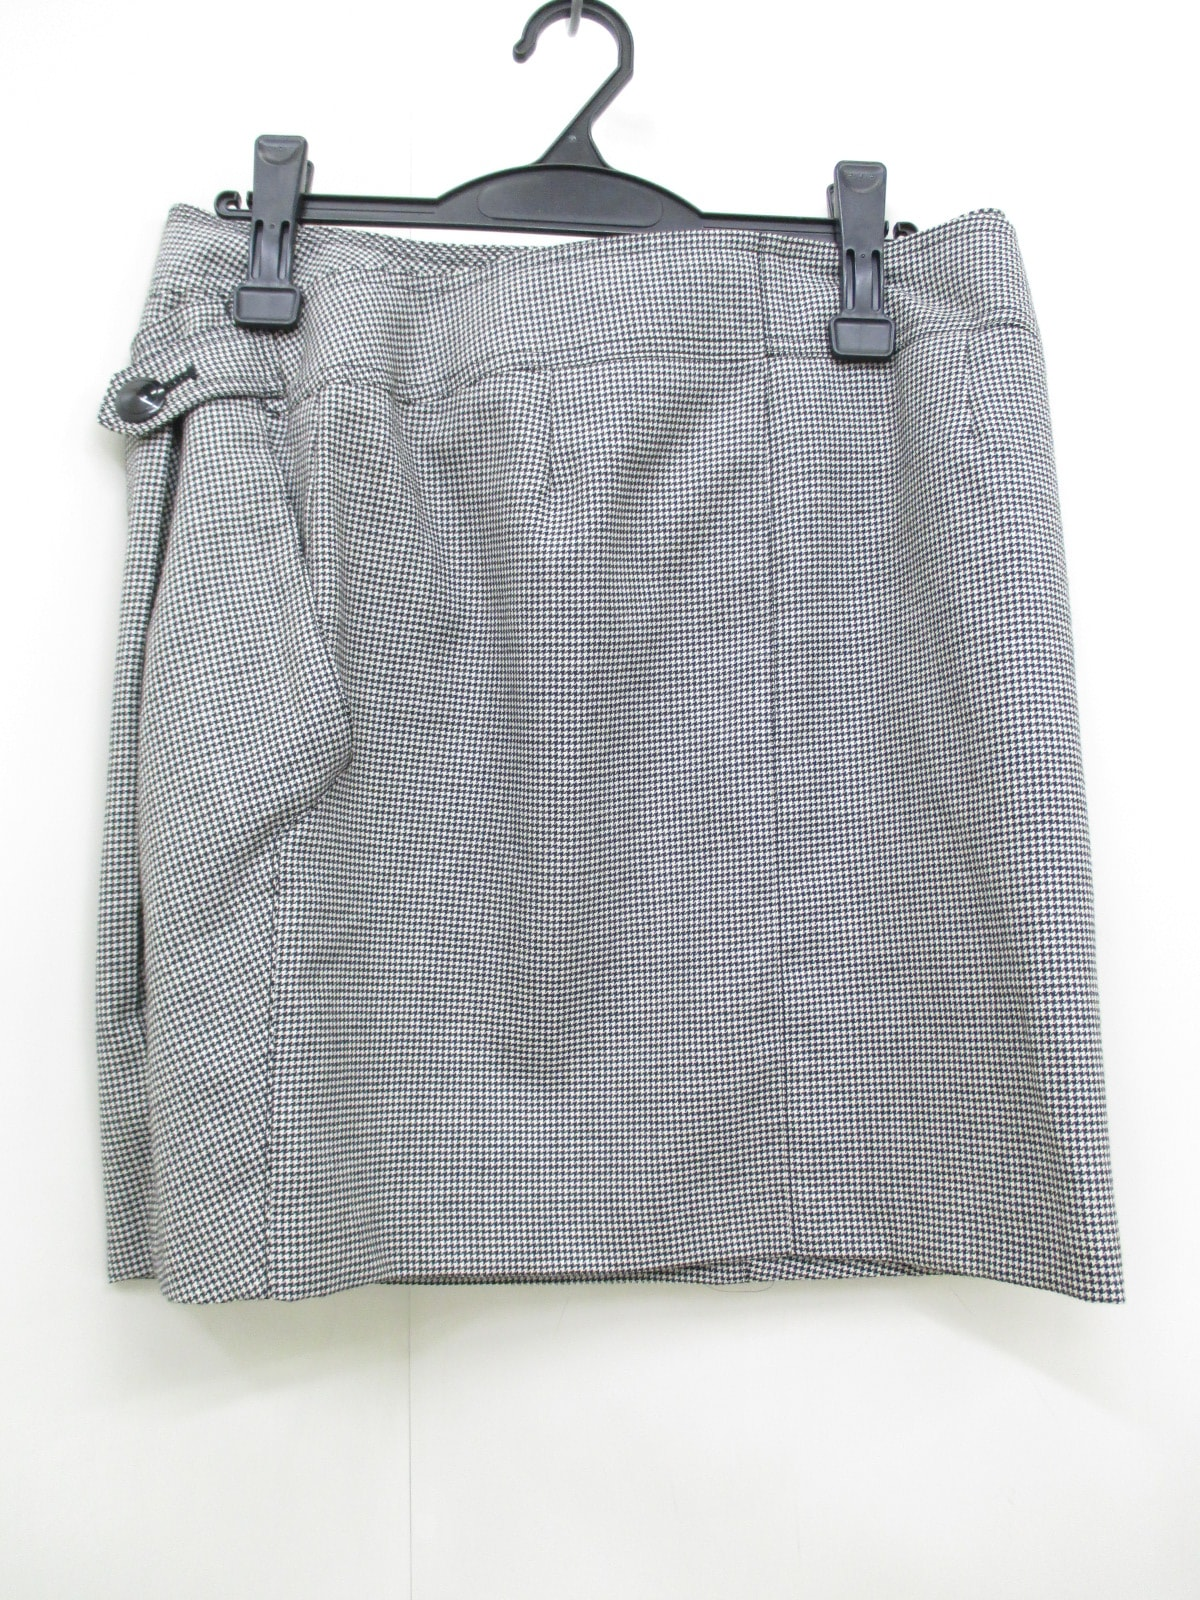 FOSSI(フォッシィ)のスカート